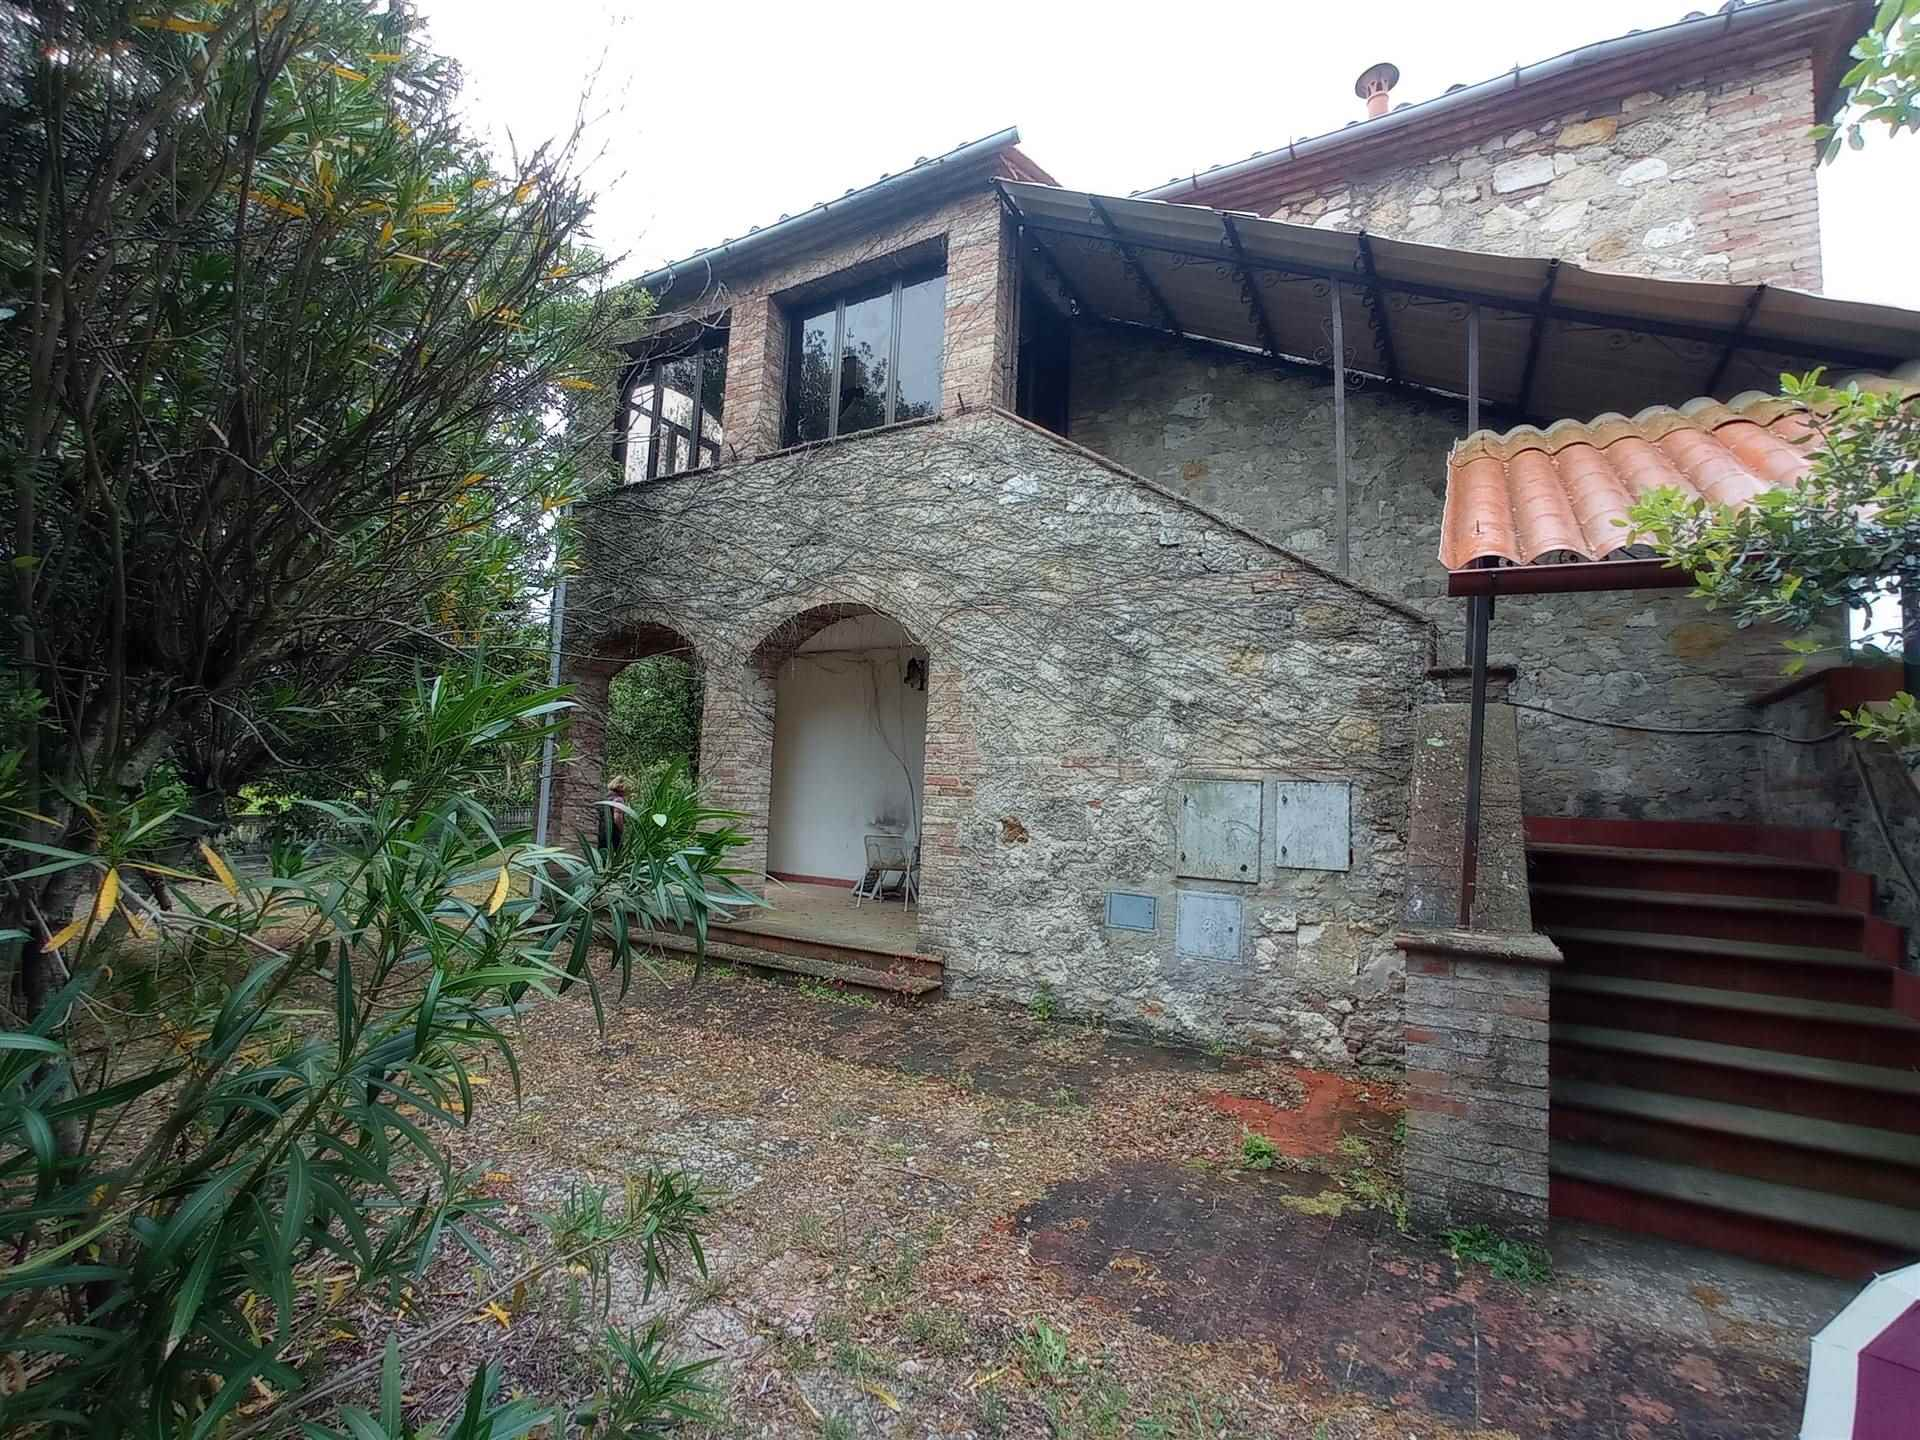 Azienda Agricola in vendita a Chiusdino, 1 locali, prezzo € 599.000 | CambioCasa.it